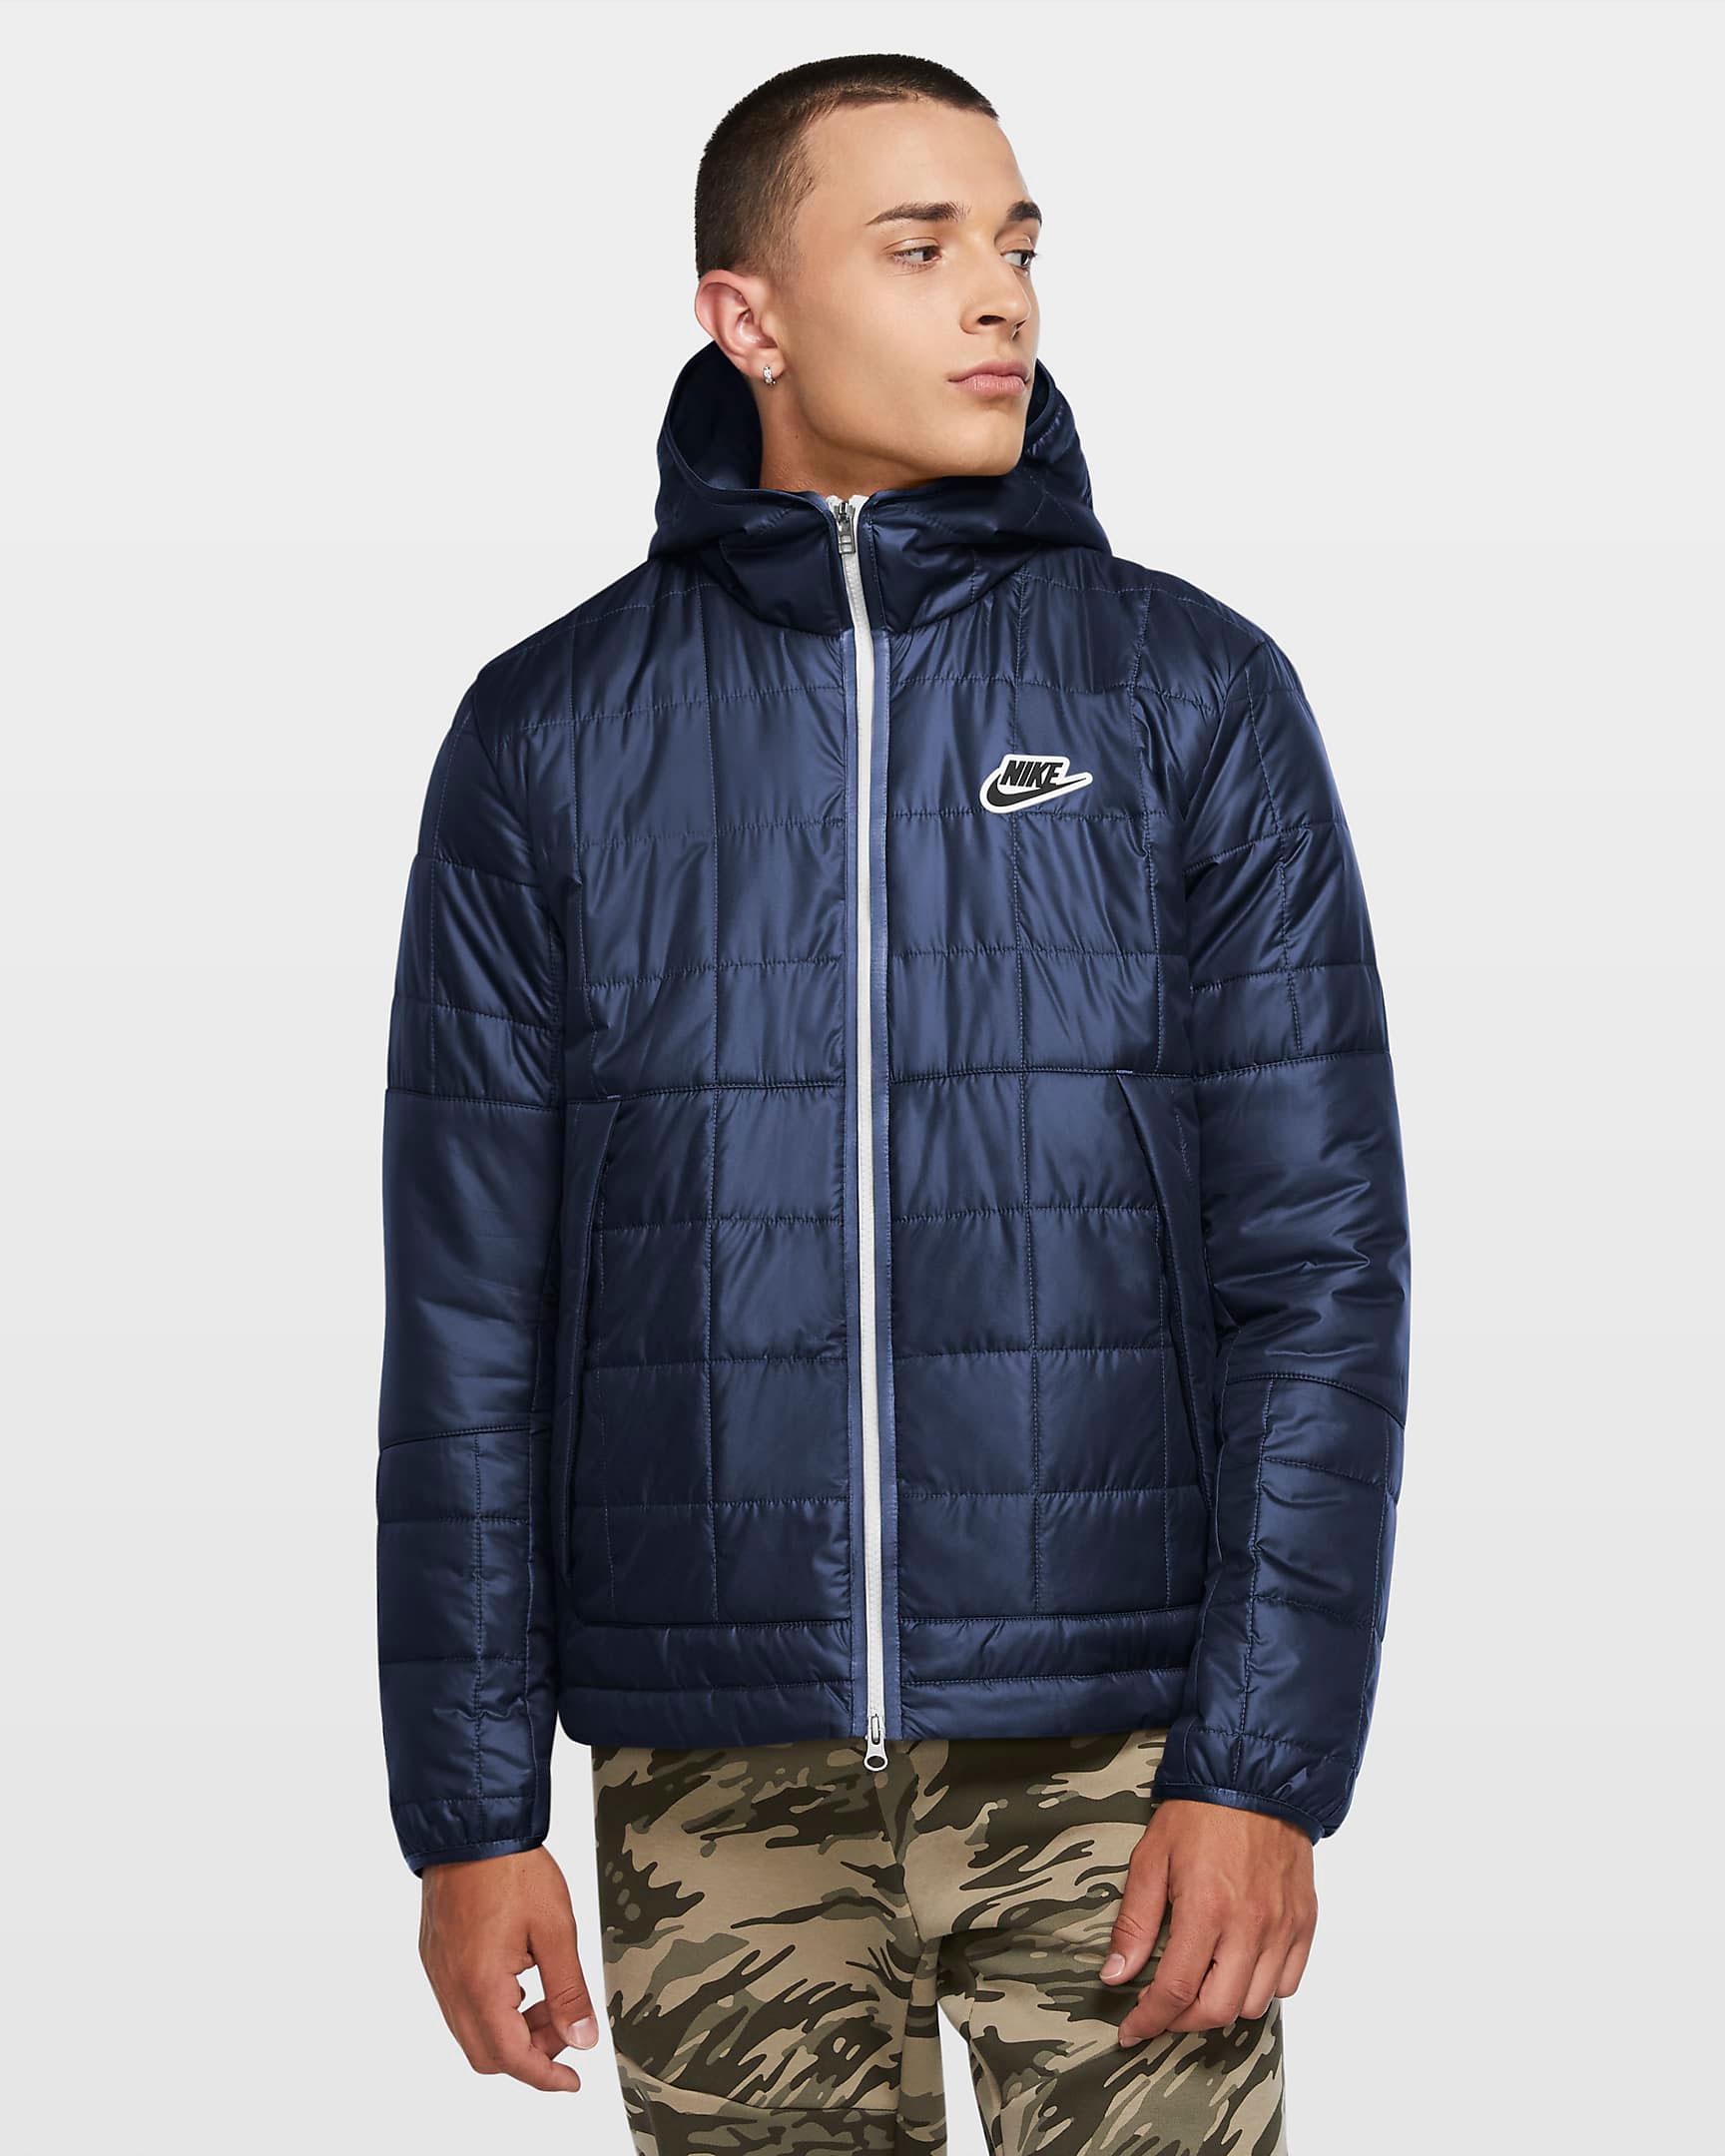 jordan-1-high-midnight-navy-nike-winter-jacket